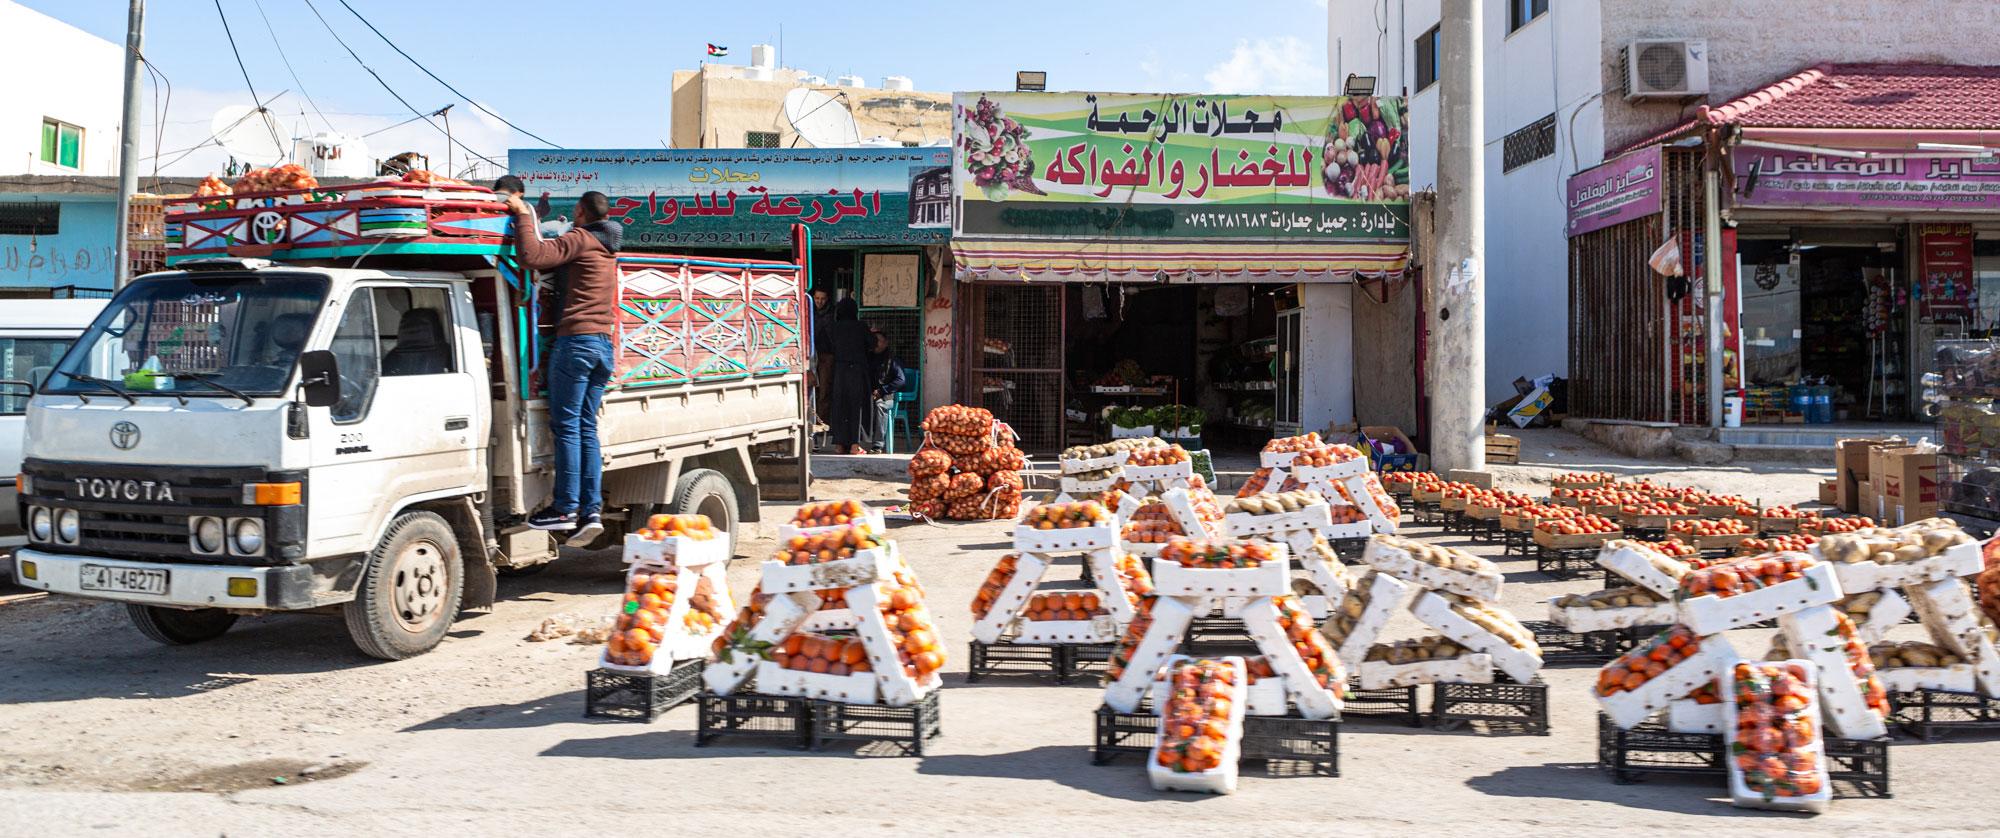 voyage en Jordanie fruits et légumes